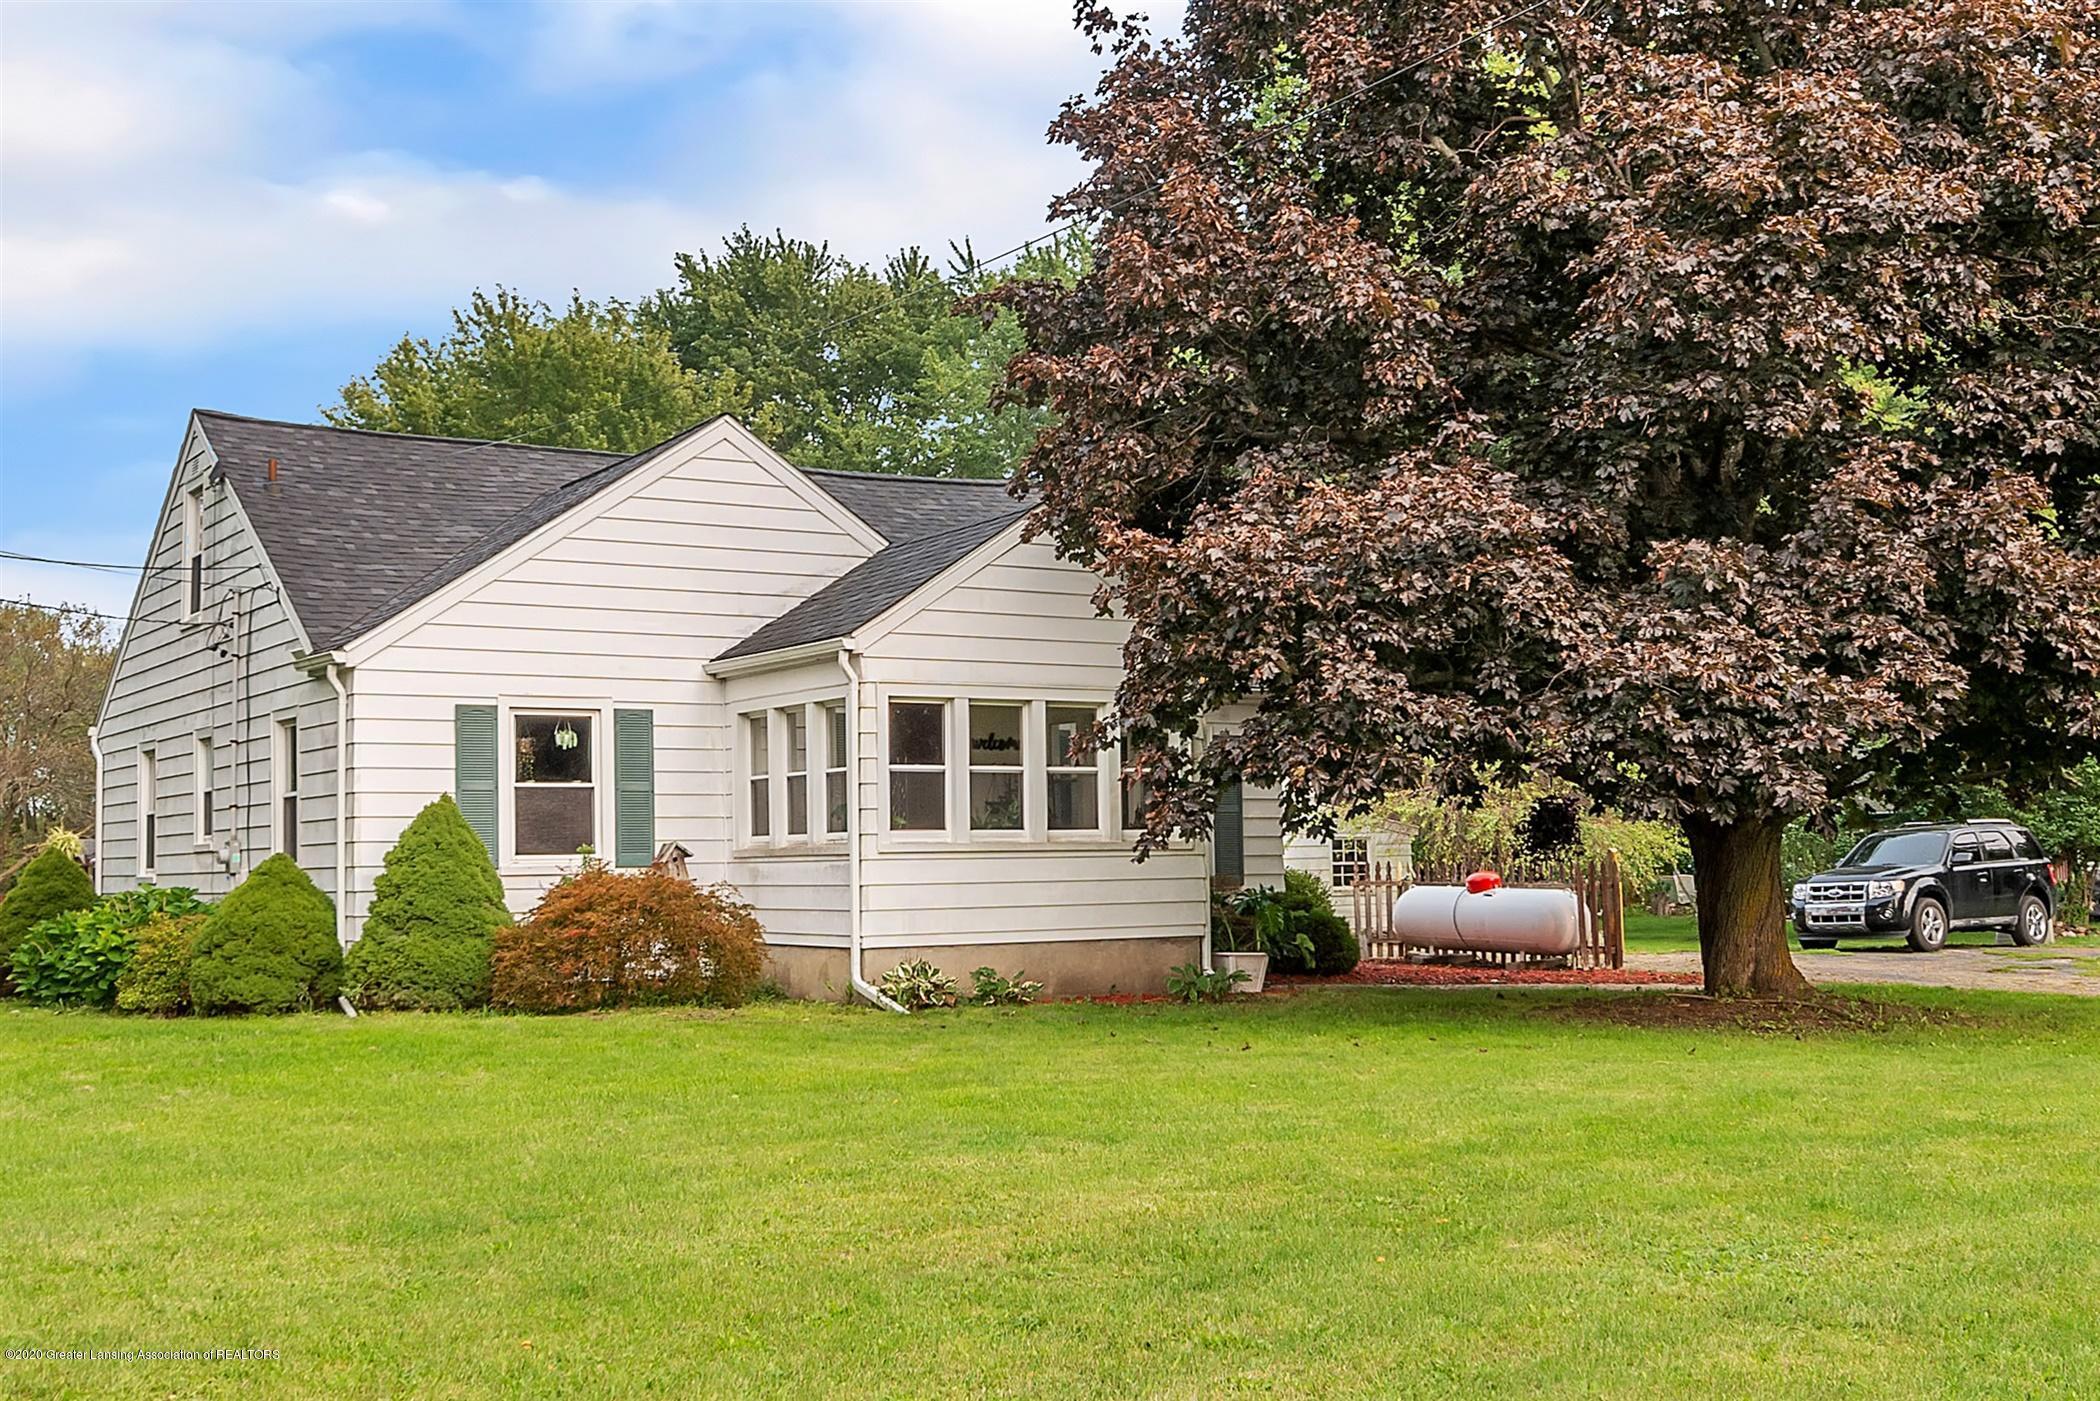 4578 N Michigan Rd - 03-4578 N Michigan Rd-WindowStill-R - 31